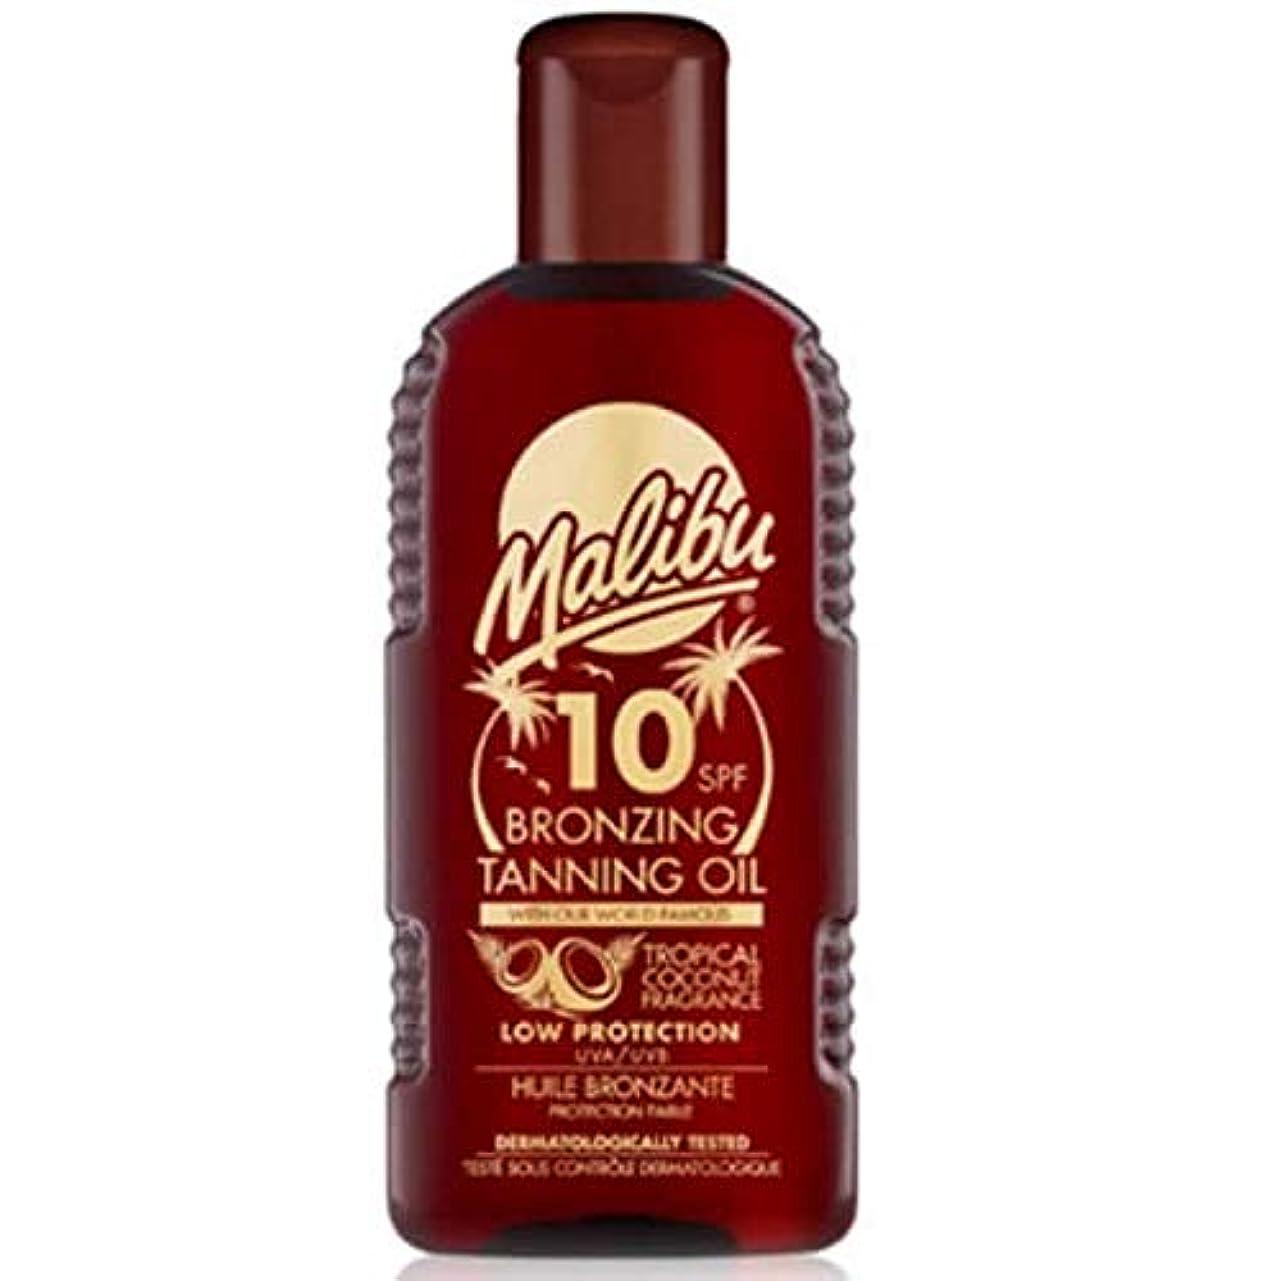 極めて重要な調査アブストラクト[Malibu ] マリブブロンズ日焼けオイルSpf 10 - Malibu Bronzing Tanning Oil SPF 10 [並行輸入品]